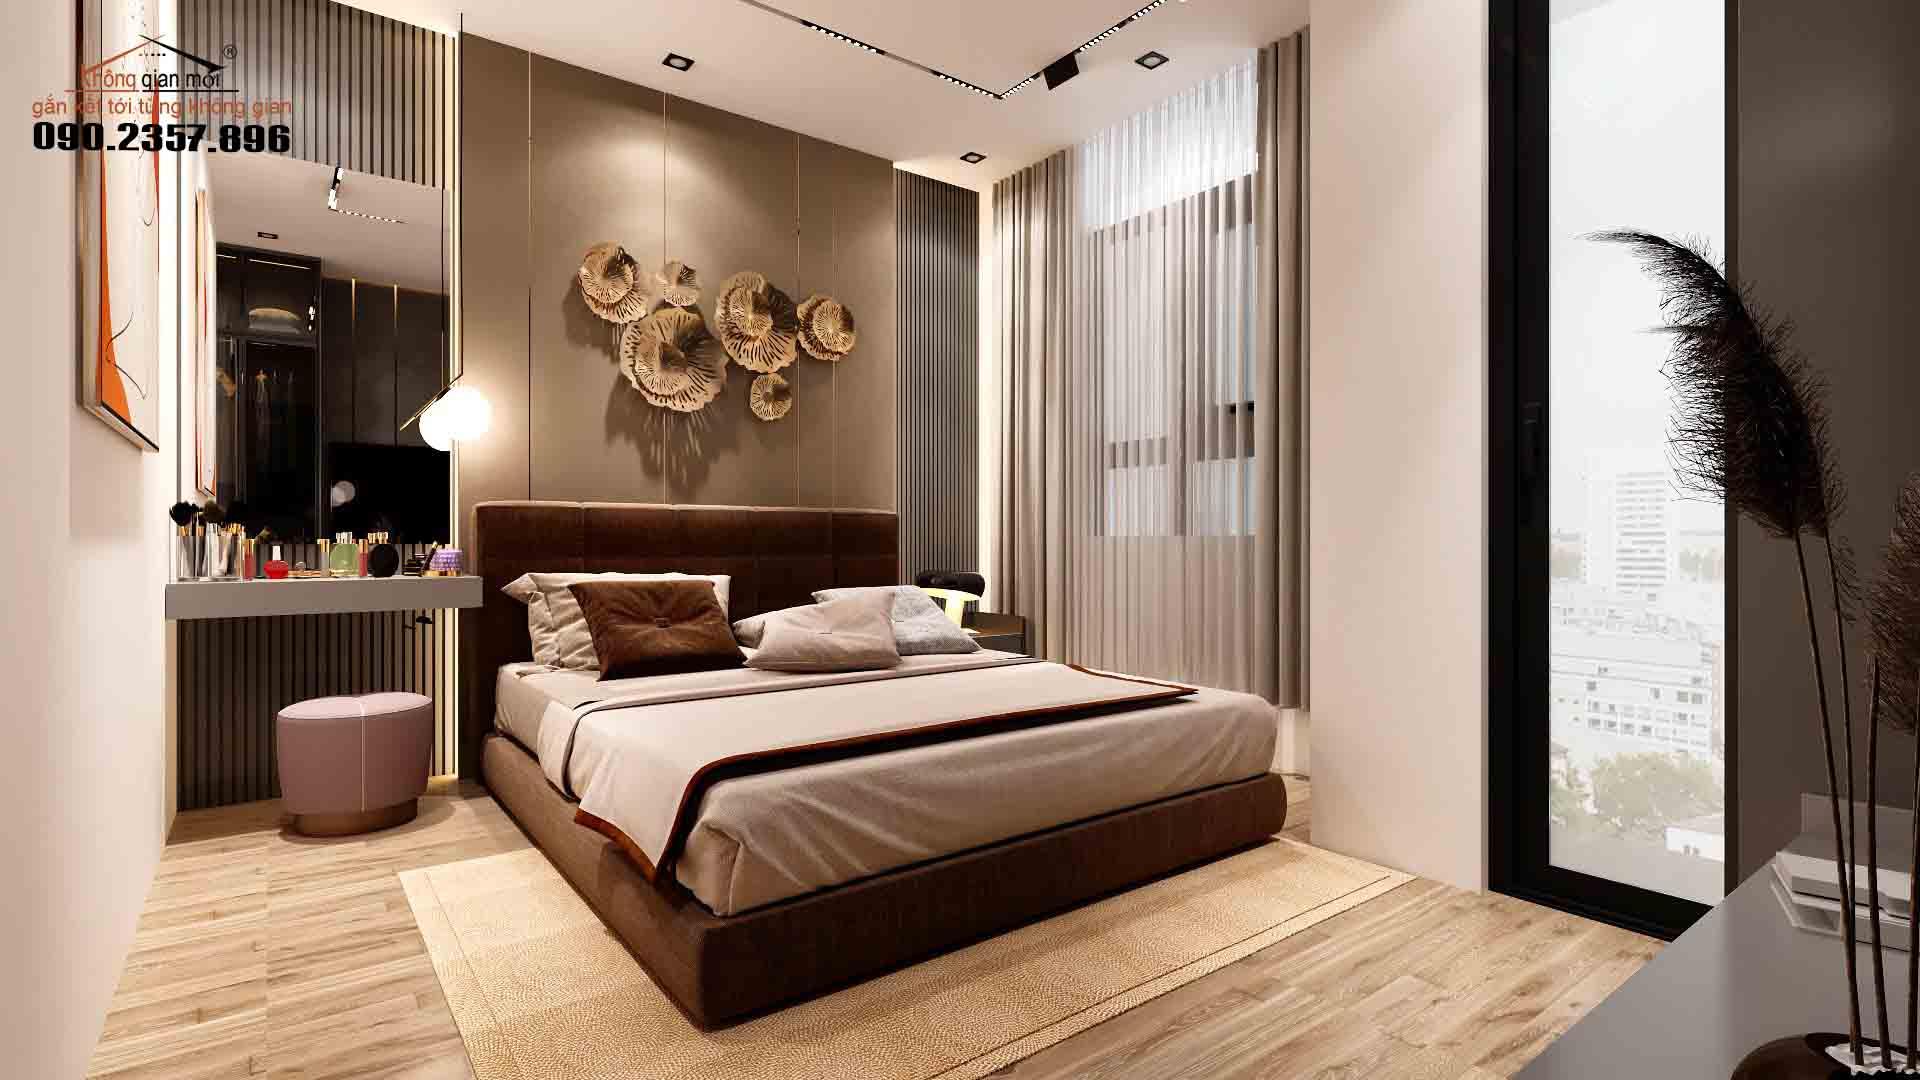 Mẫu thiết kế nội thất phòng ngủ căn hộ chung cư tại Đà Nẵng